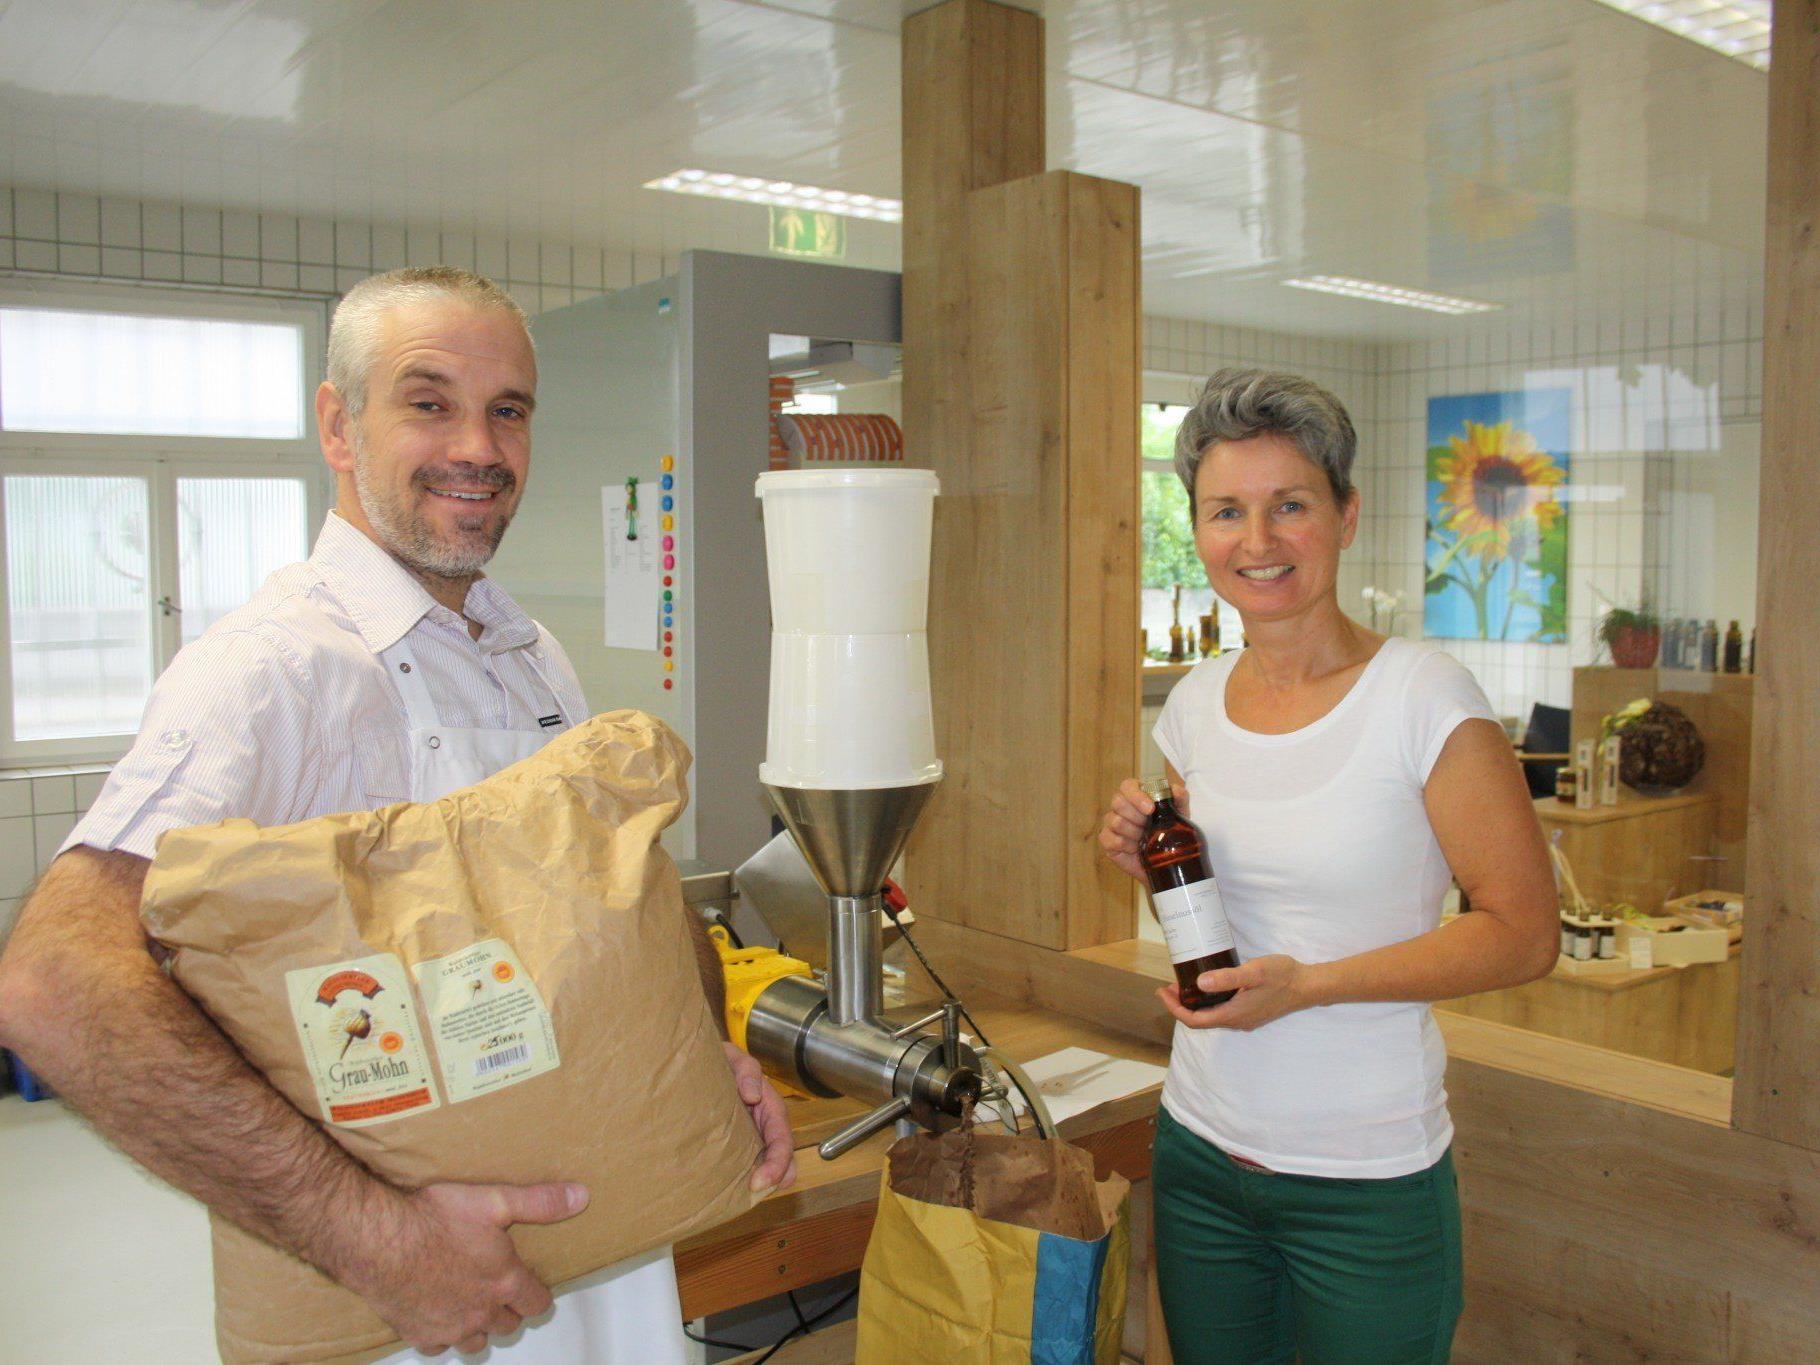 """Barbara und Christian Sailer laden am Samstag von 8 bis 12 Uhr zur offiziellen Eröffnung der """"Ölmühle Sailer"""" und des """"Alma Käslädele"""" in Lochau."""